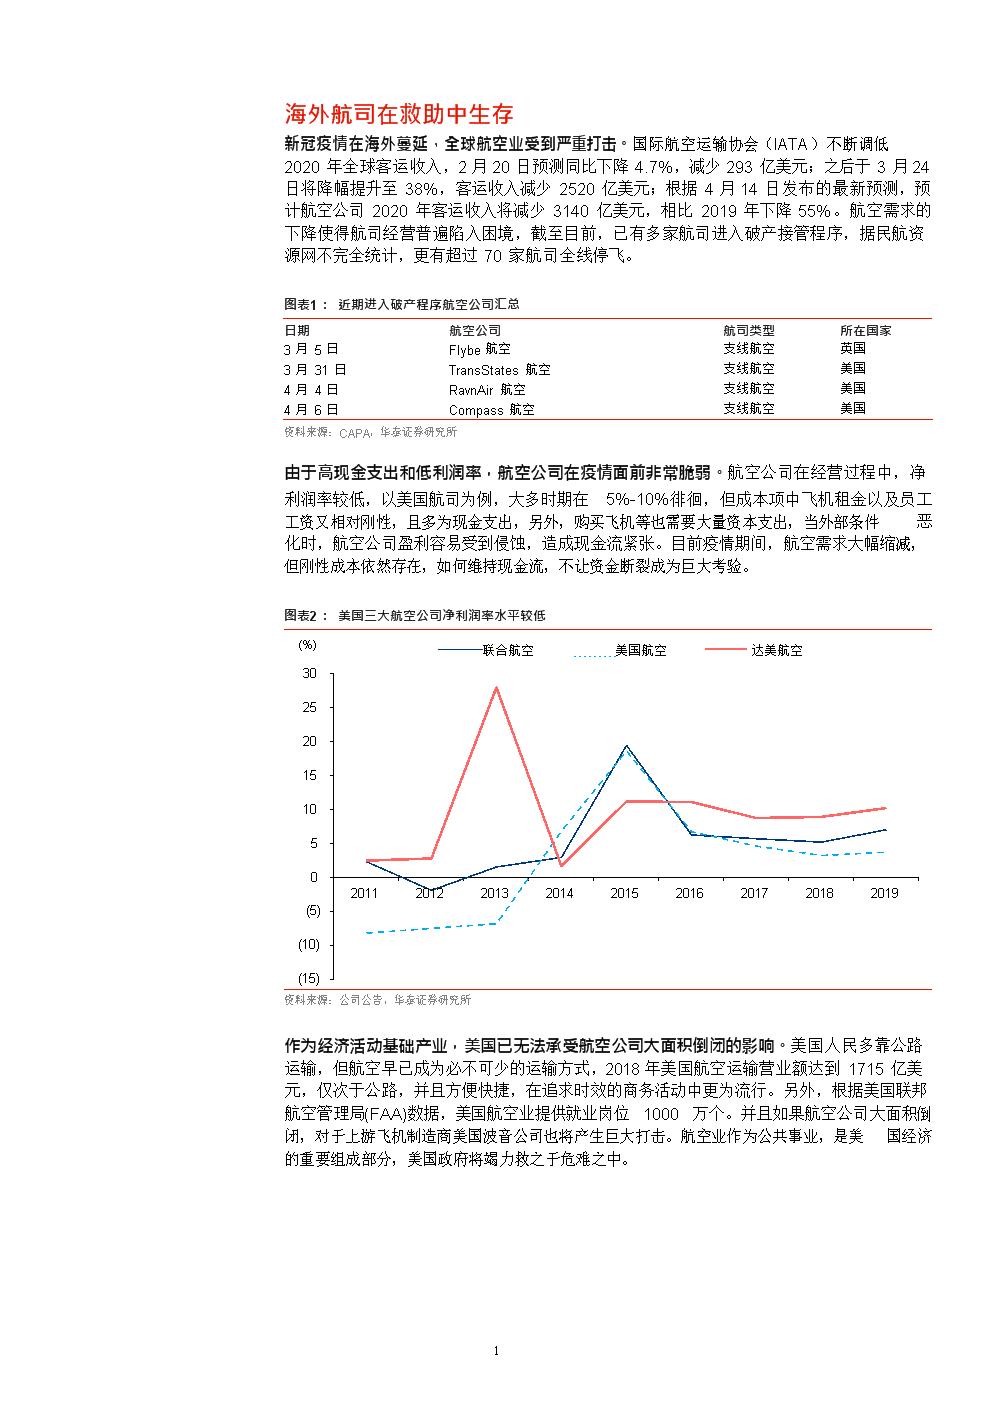 疫情对航空公司的影响分析.docx